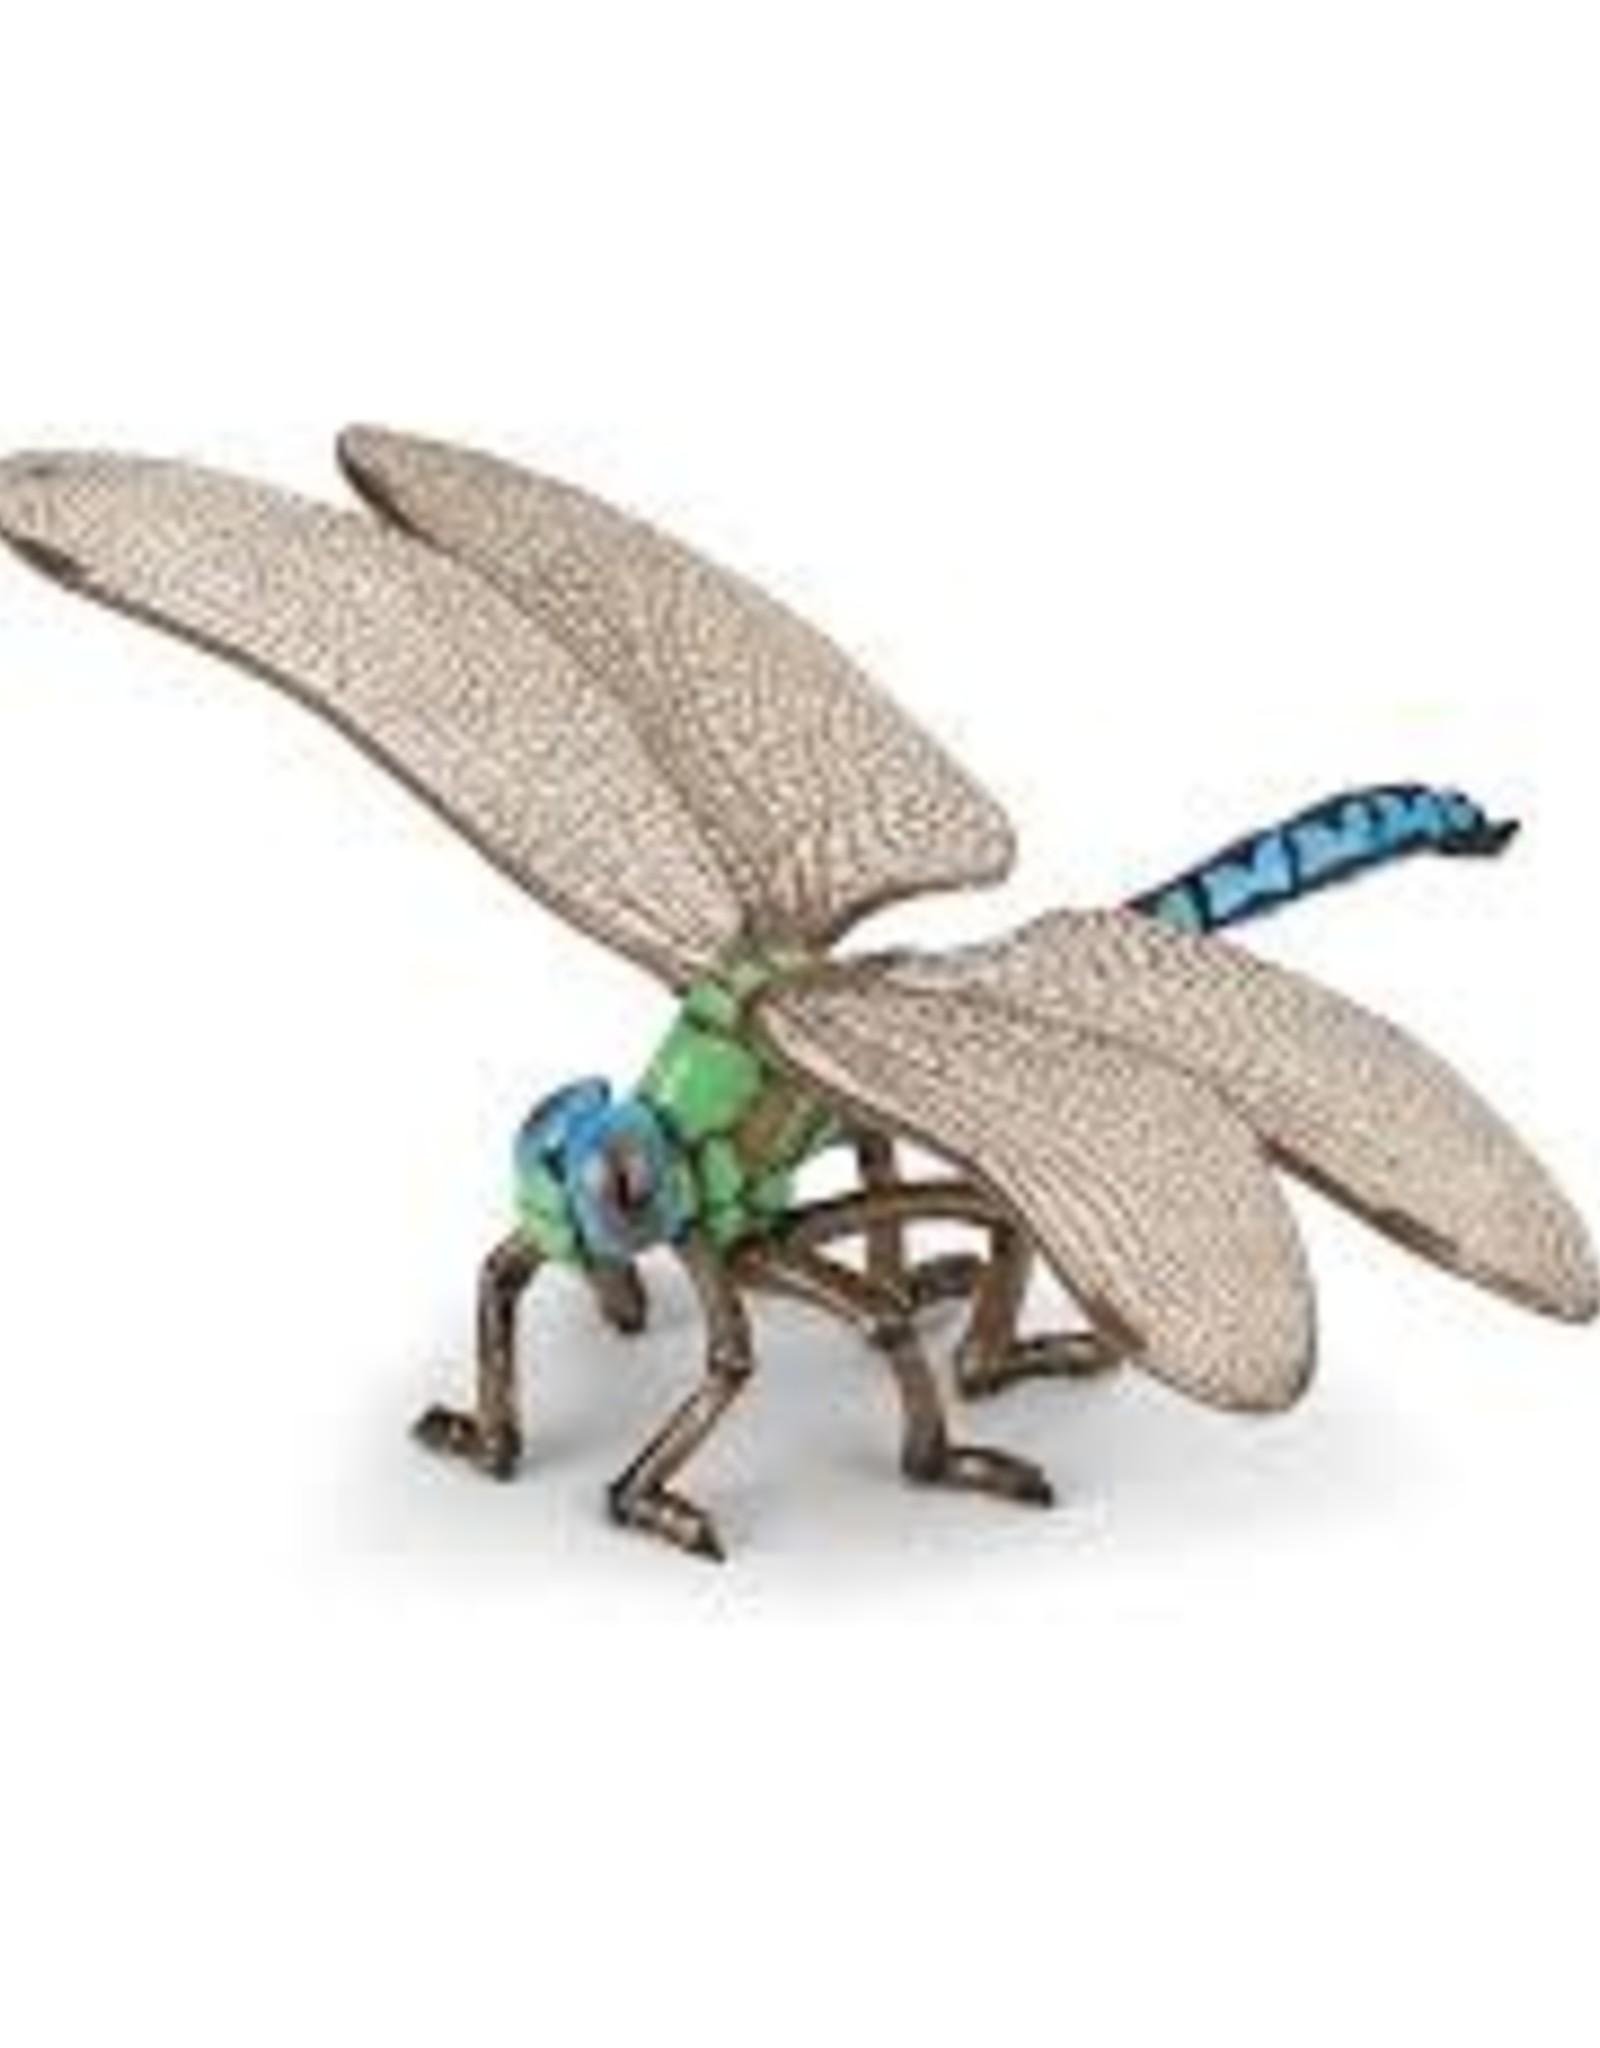 Papo Papo Dragonfly